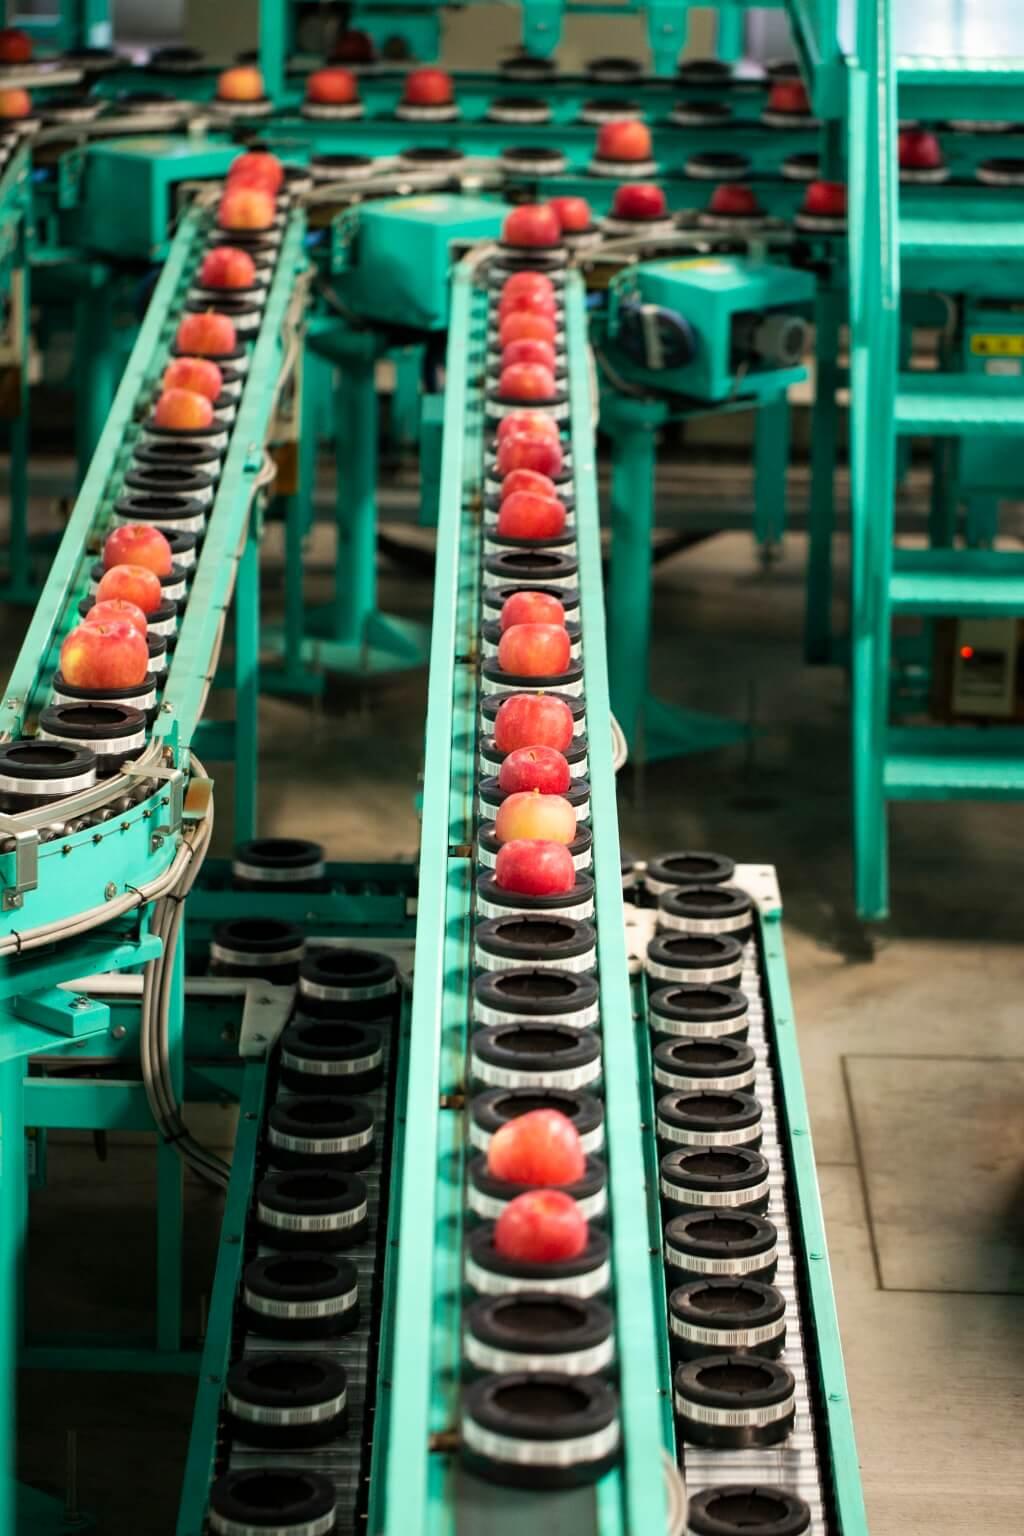 運輸帶上放上了一個個蘋 果,準備進入清洗及儀器分析 環節。好的將會入箱或包裝, 並送到國內外等地銷售,相反 果身有損傷的便會分開包裝並 送到果汁工廠,製作果汁。